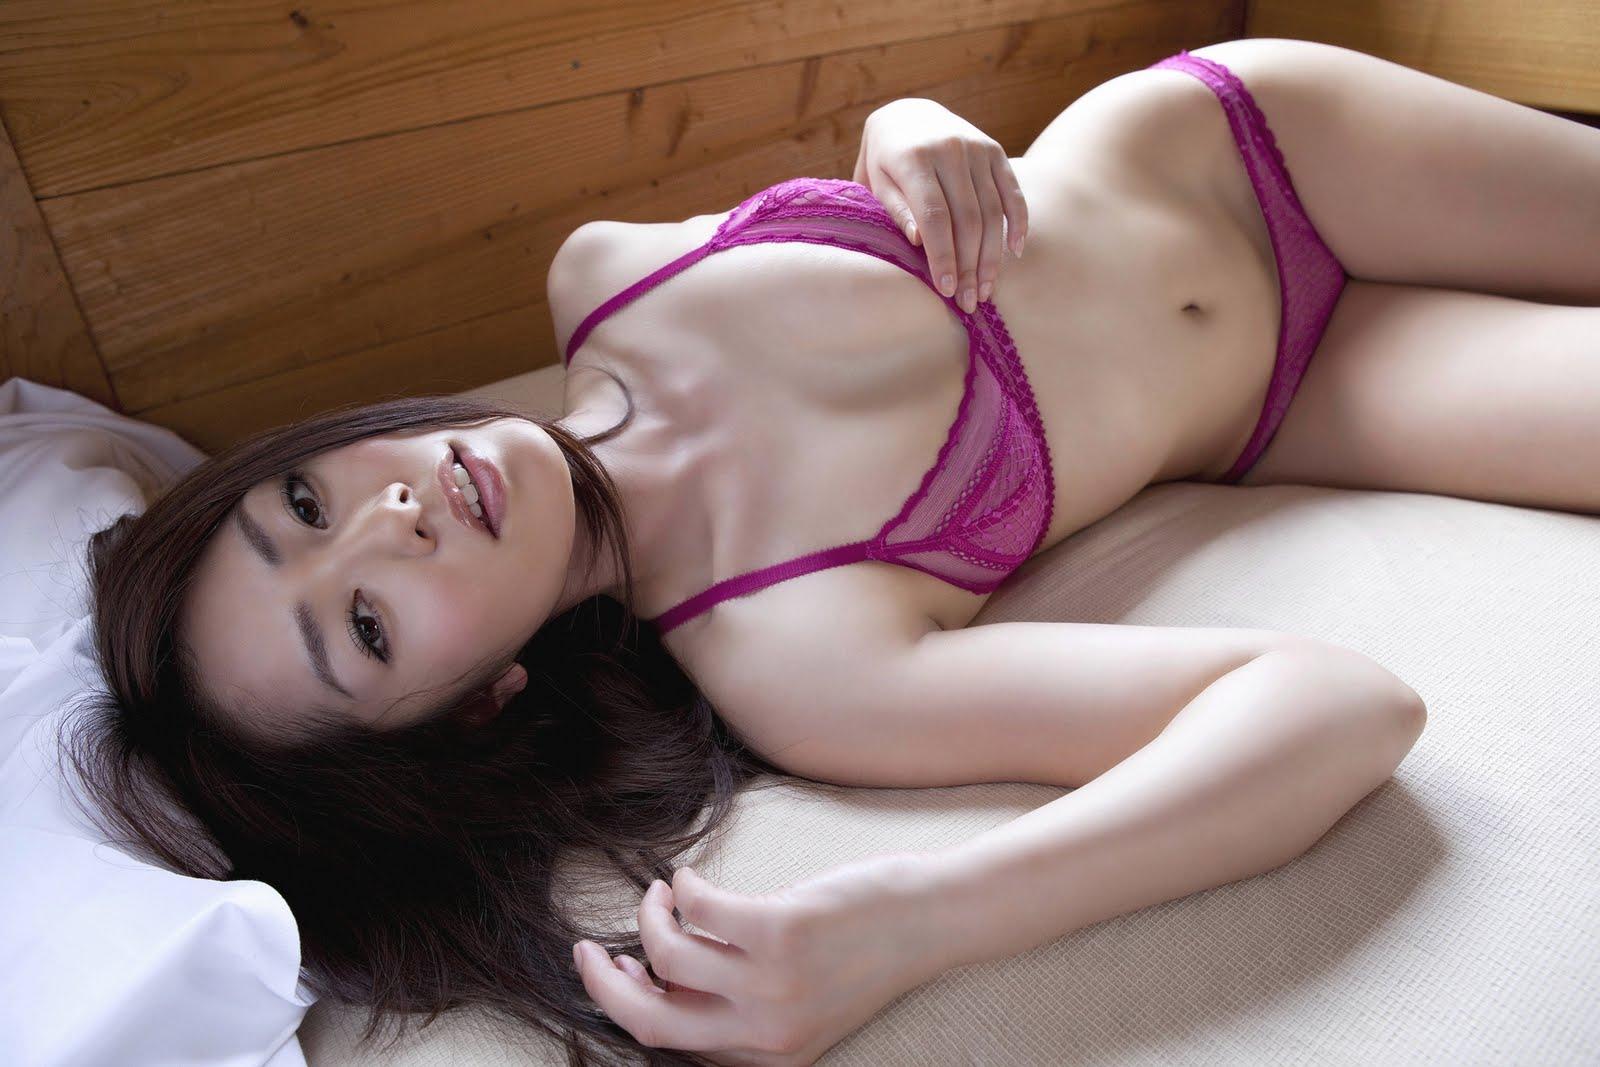 азиатка в розовых трусиках фото